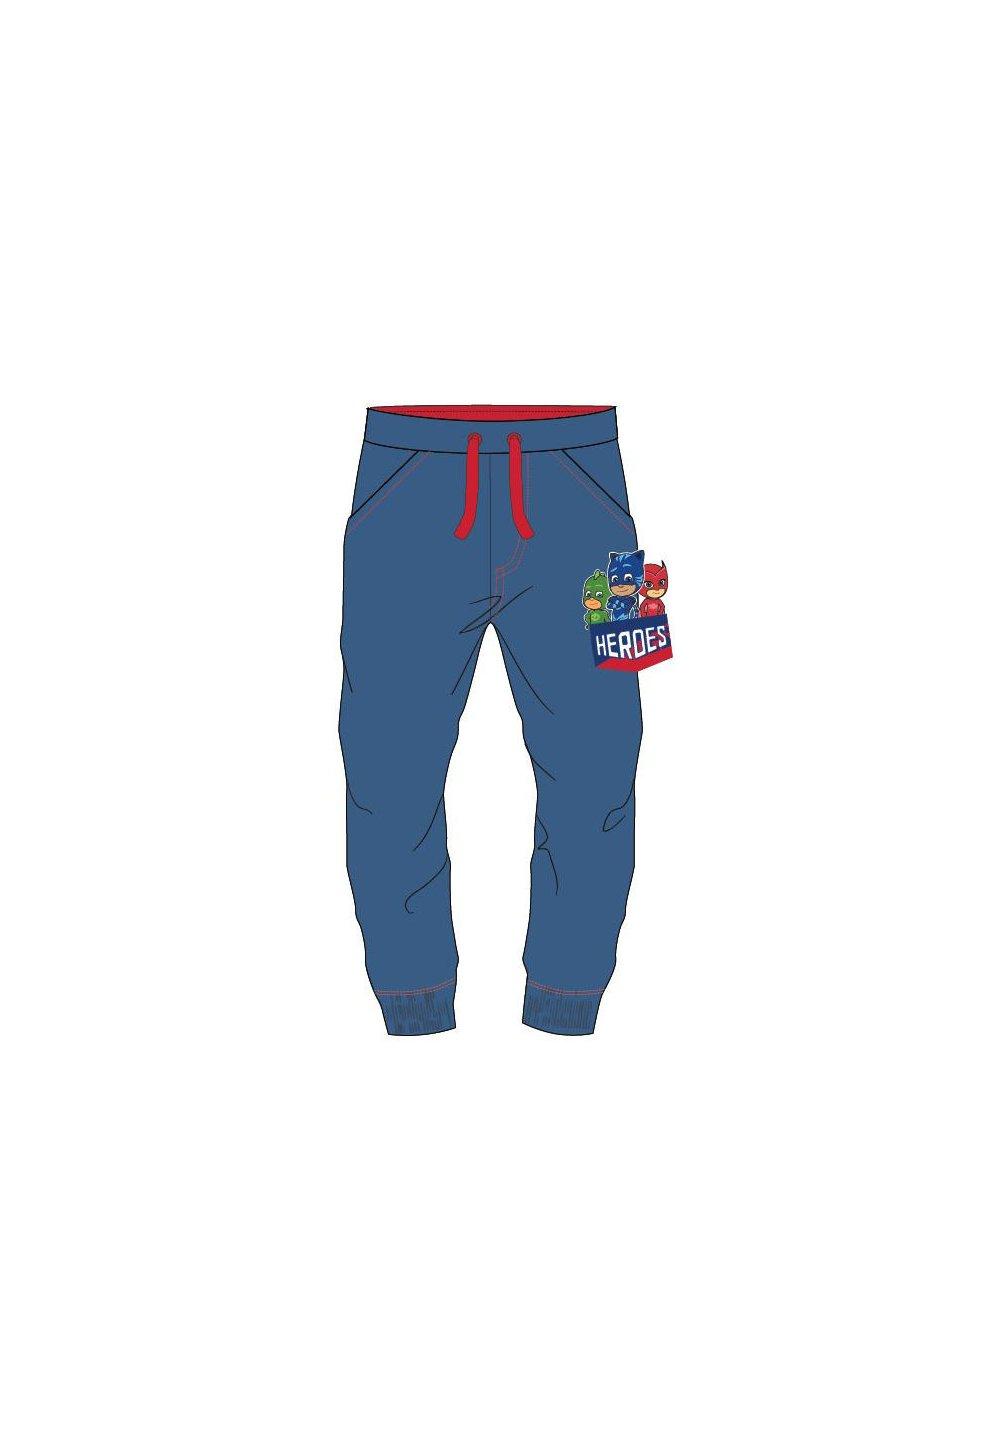 Pantaloni de trening, Heroes, bluemarin imagine